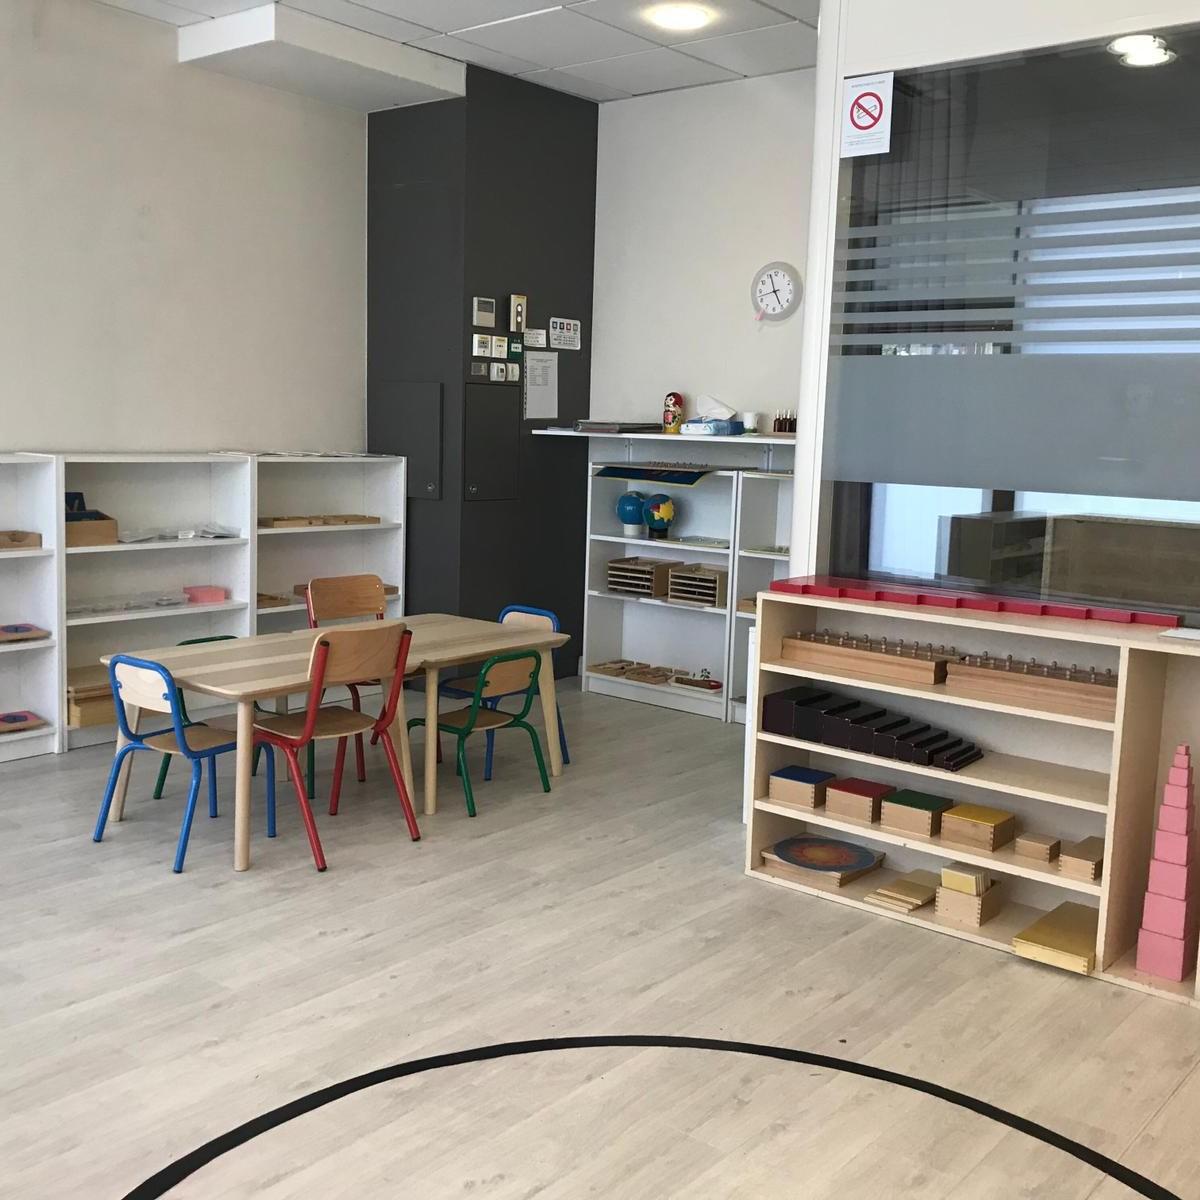 école athena montessori Clichy